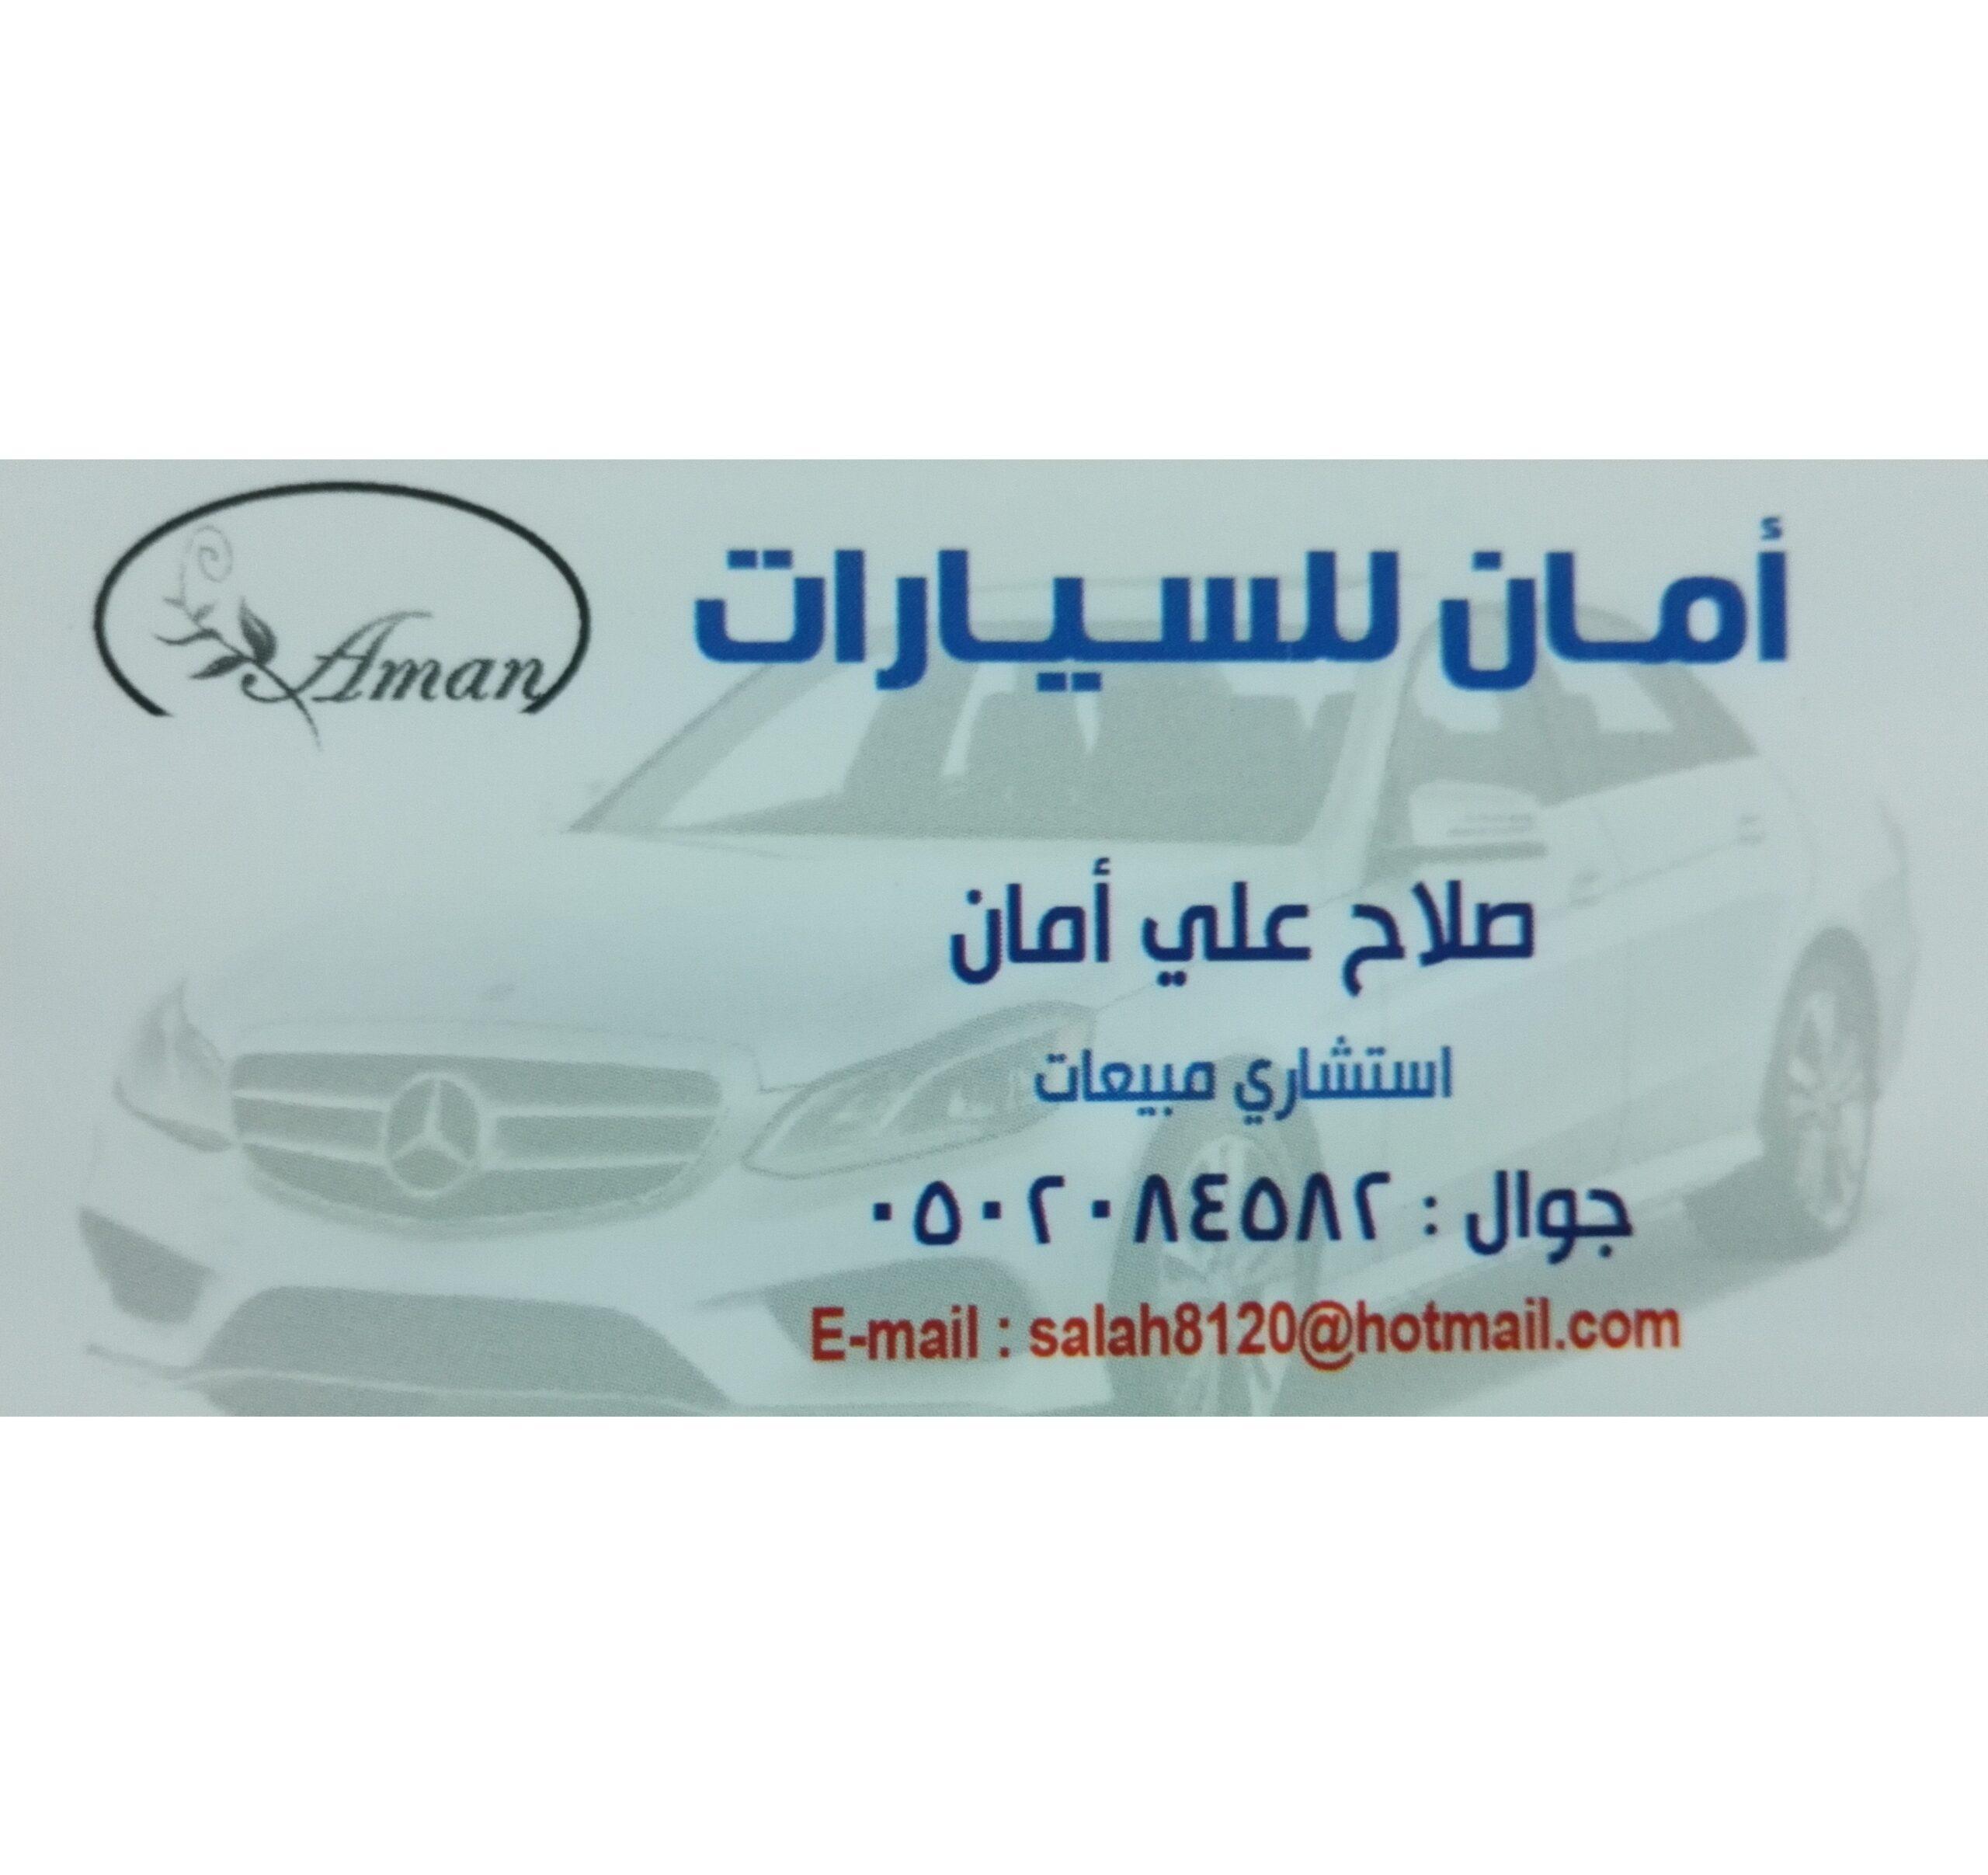 مؤسسة أمان للسيارات